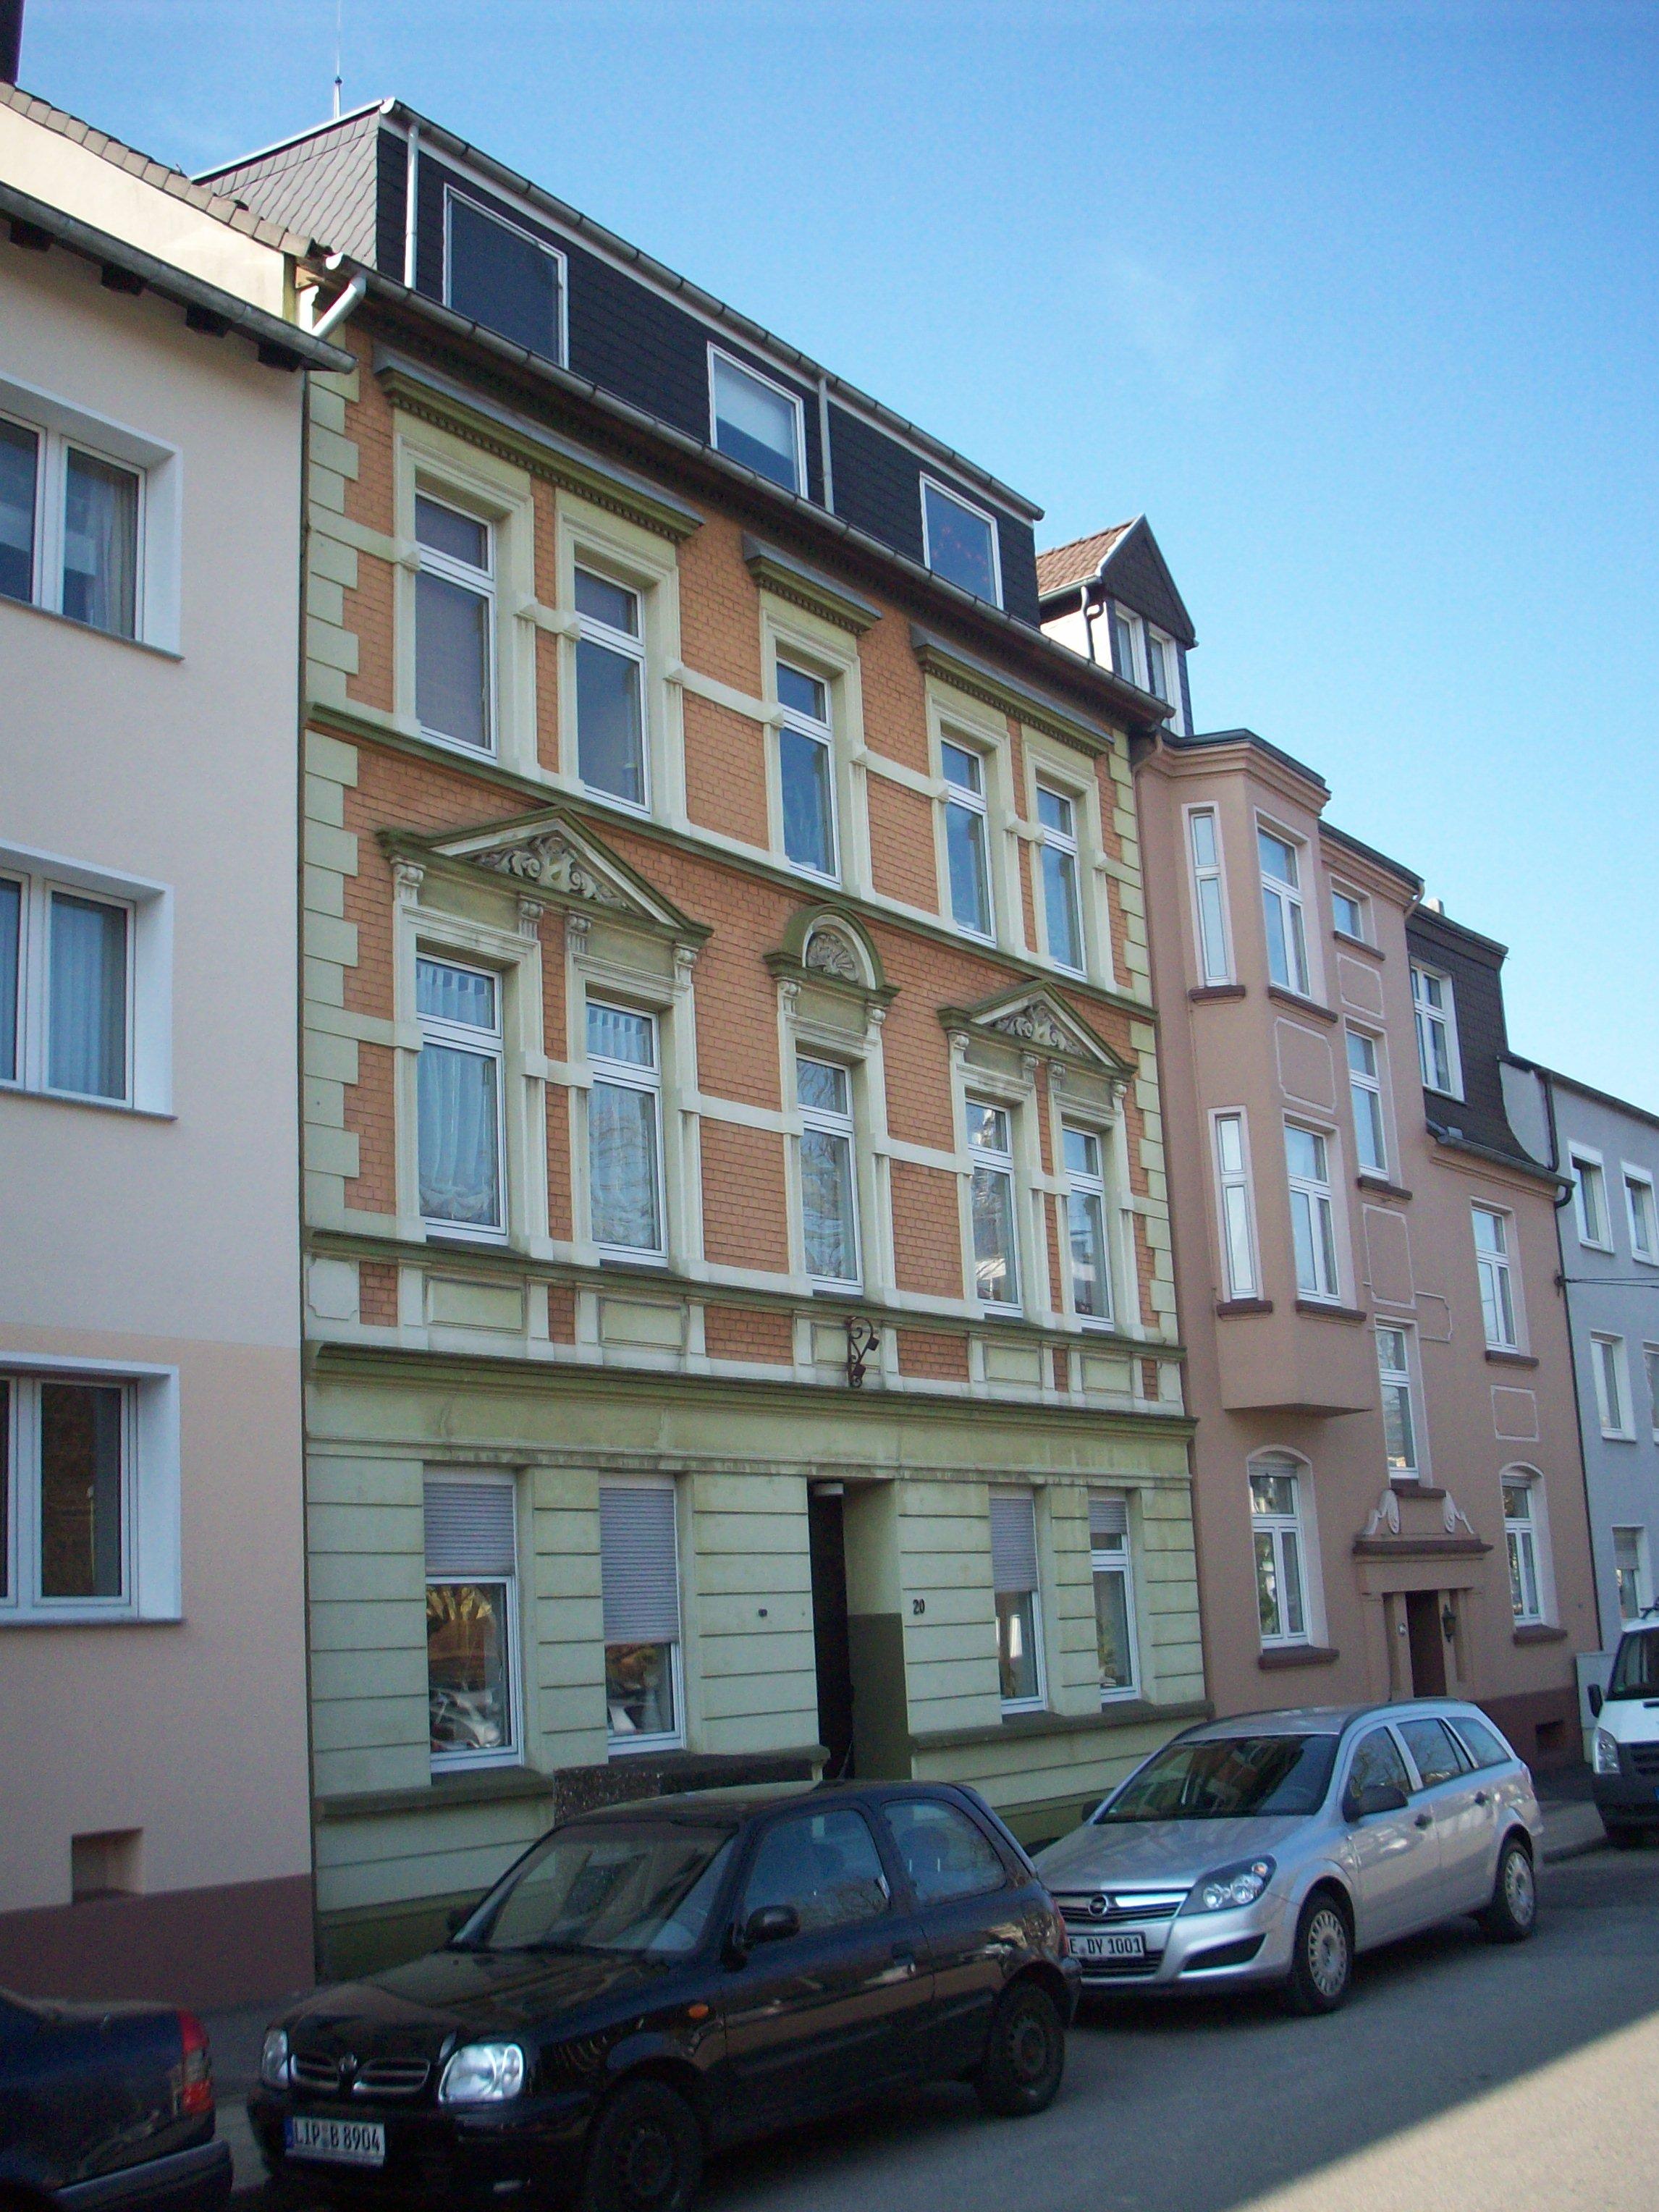 Essen - Schweriner Str. 20